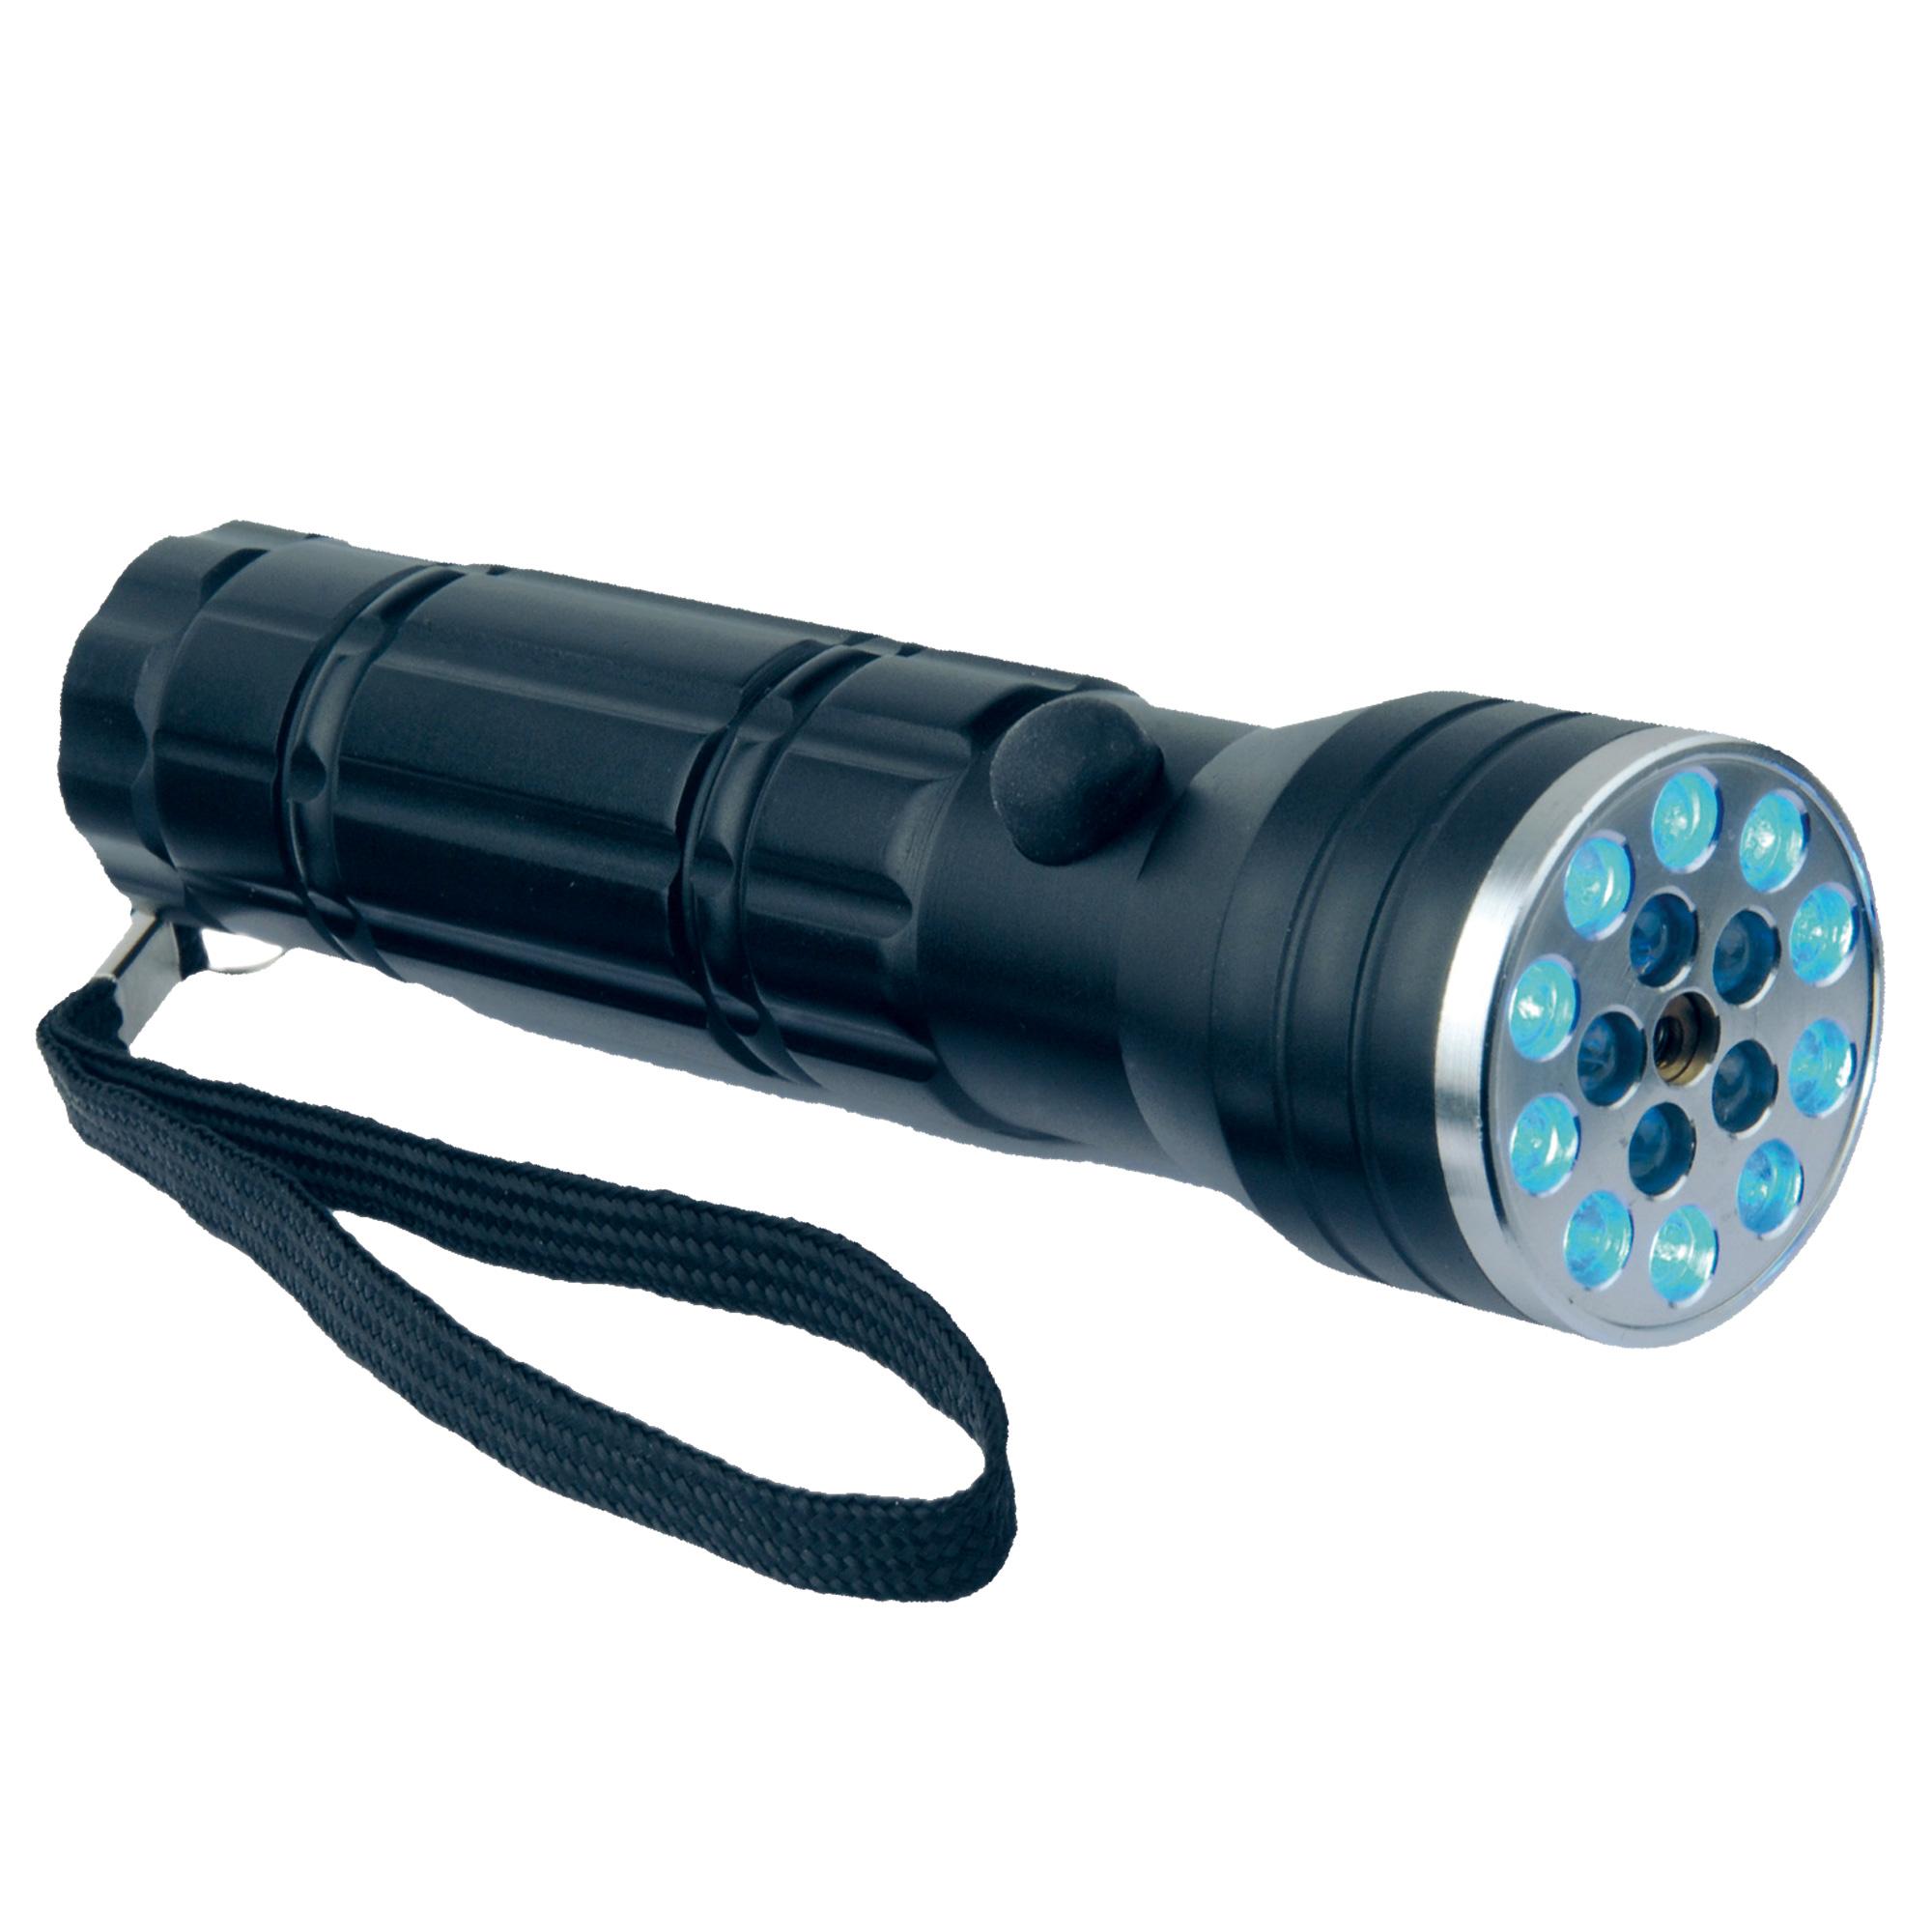 led taschenlampe mit uv licht und laserpointer jetzt online kaufen im ahb shop. Black Bedroom Furniture Sets. Home Design Ideas